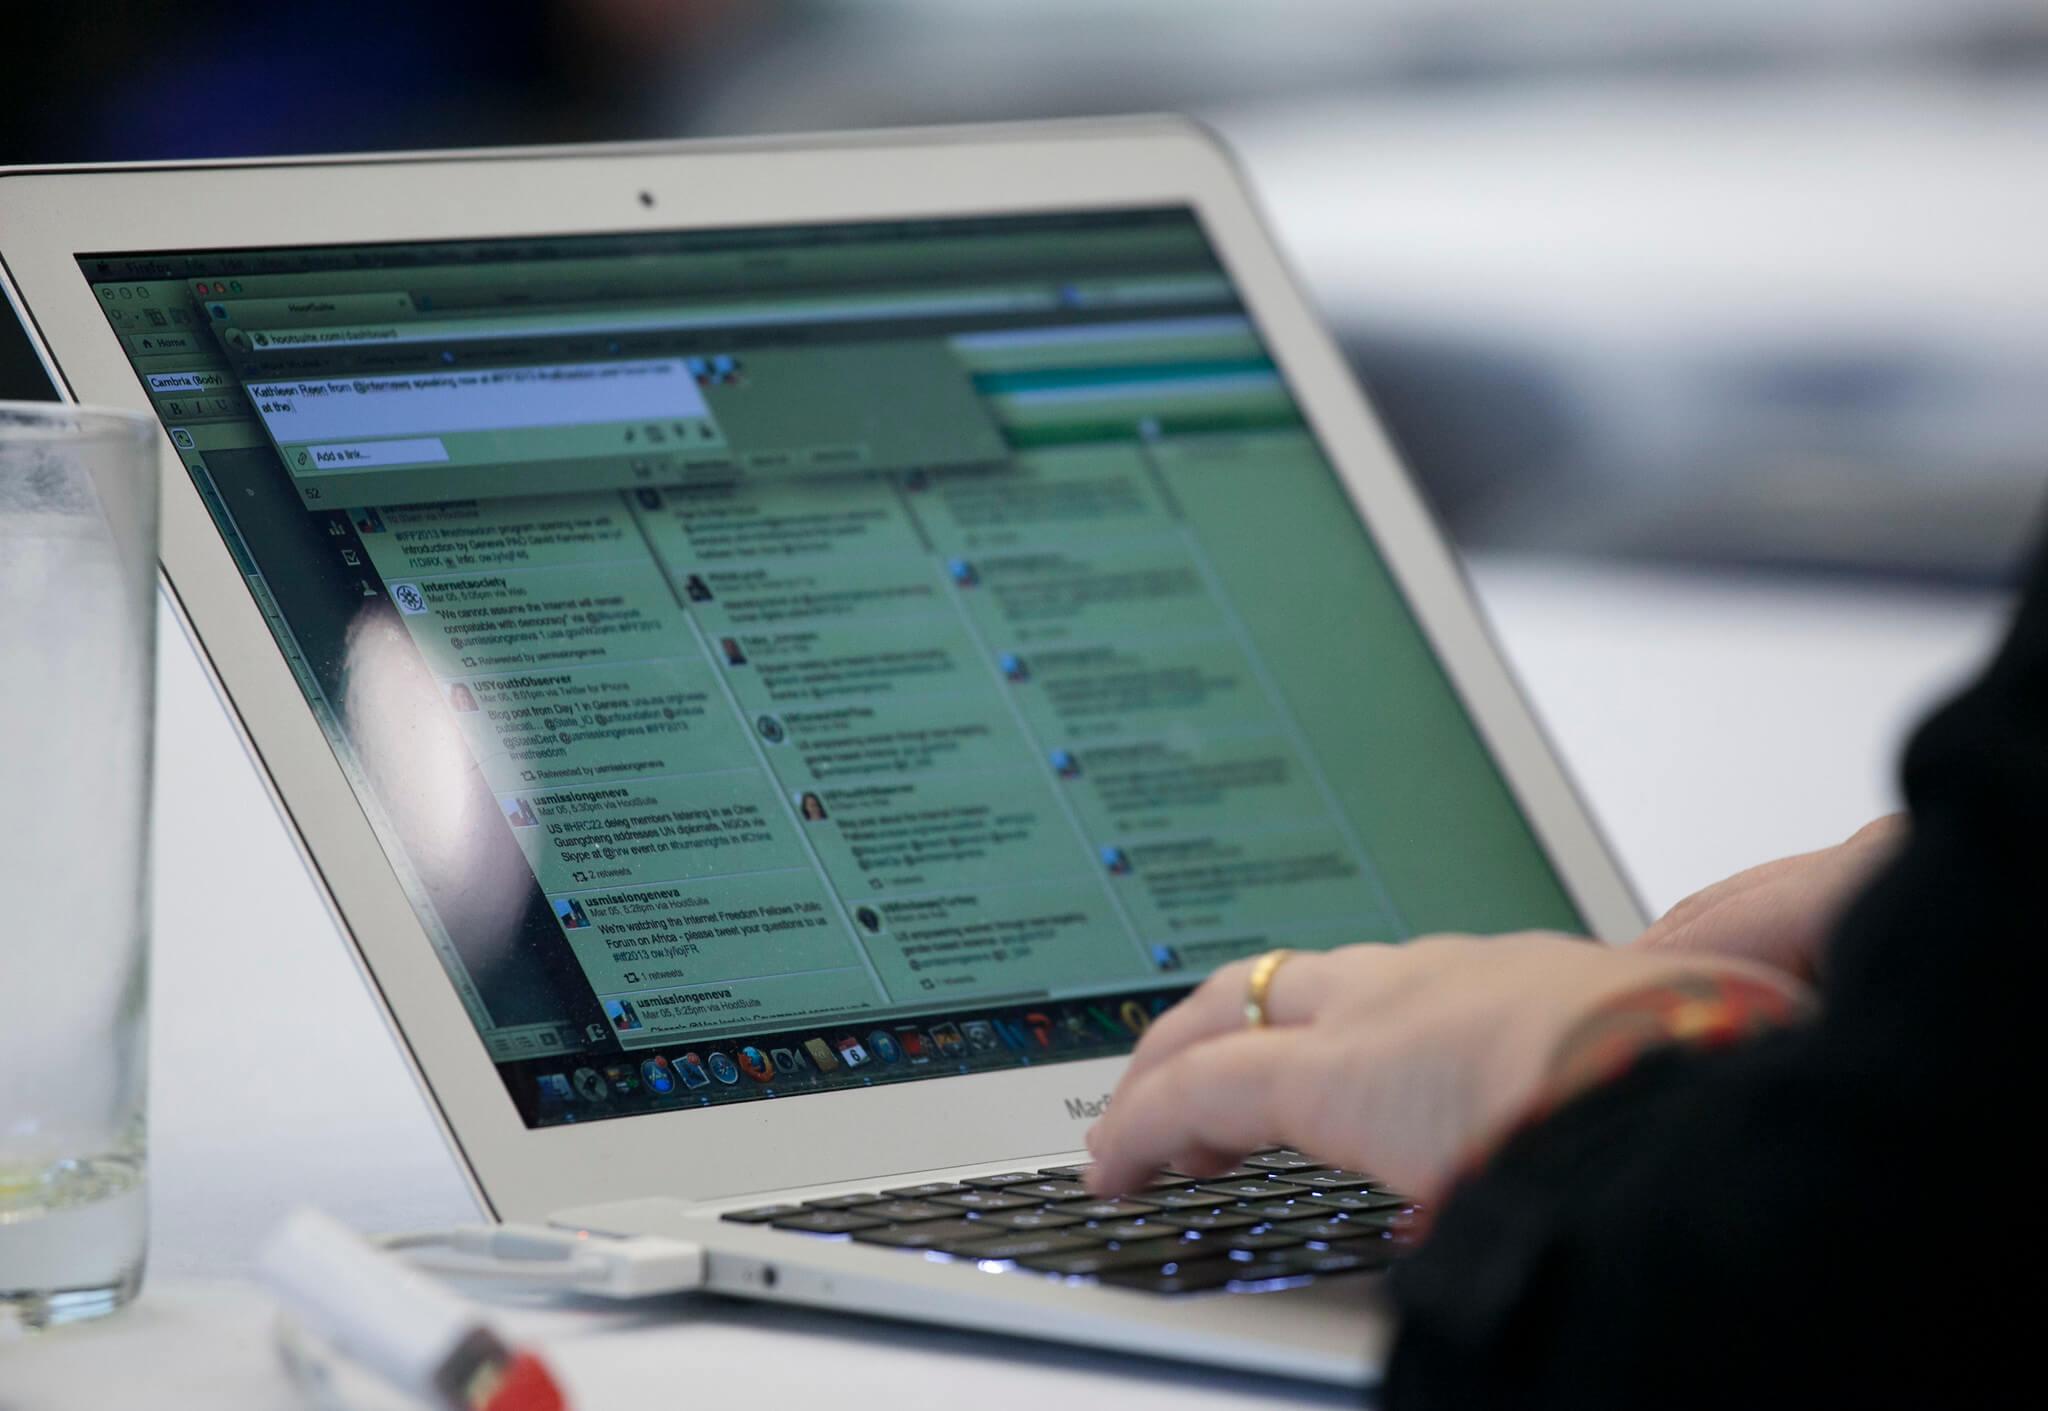 Programmation de publications pour les réseaux sociaux